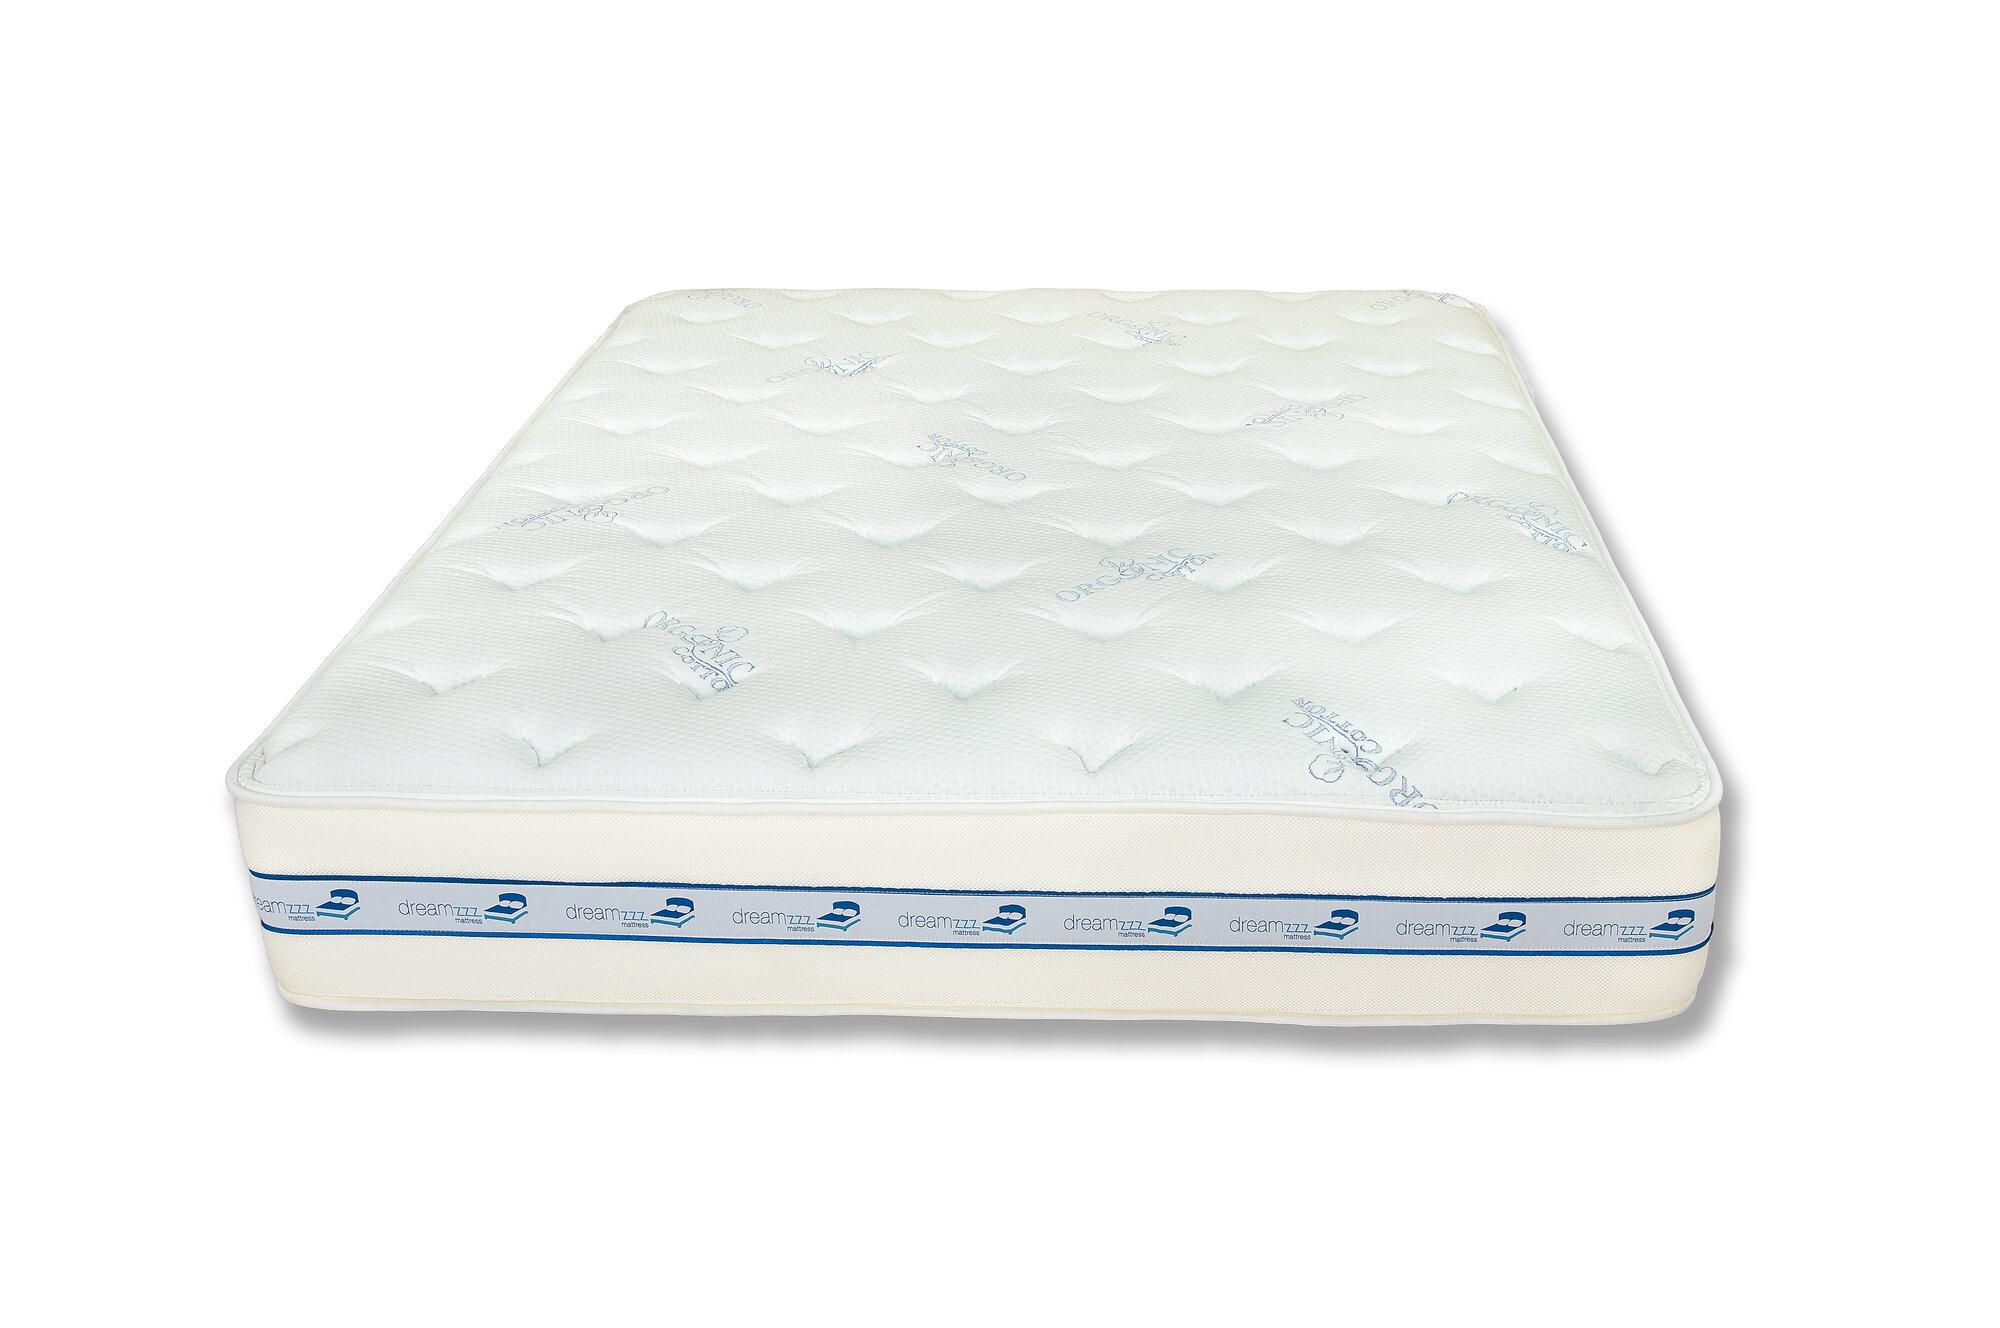 Dreamzzz Mattress 10 Natural Latex And Gel Memory Foam Mattress